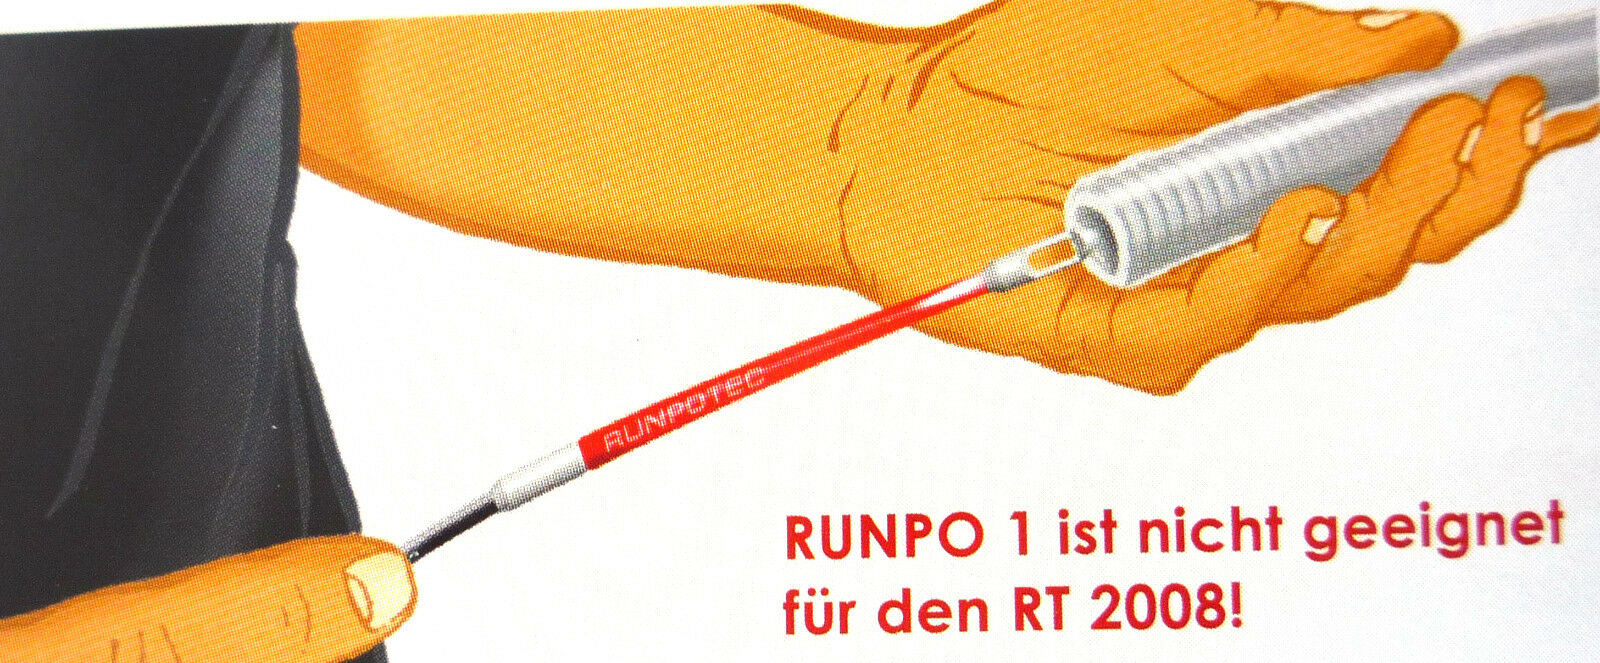 KST 4mm lunghezza 10m Supporto tiraggio cavo runpotec runpo 1 con runpogleiter rosso